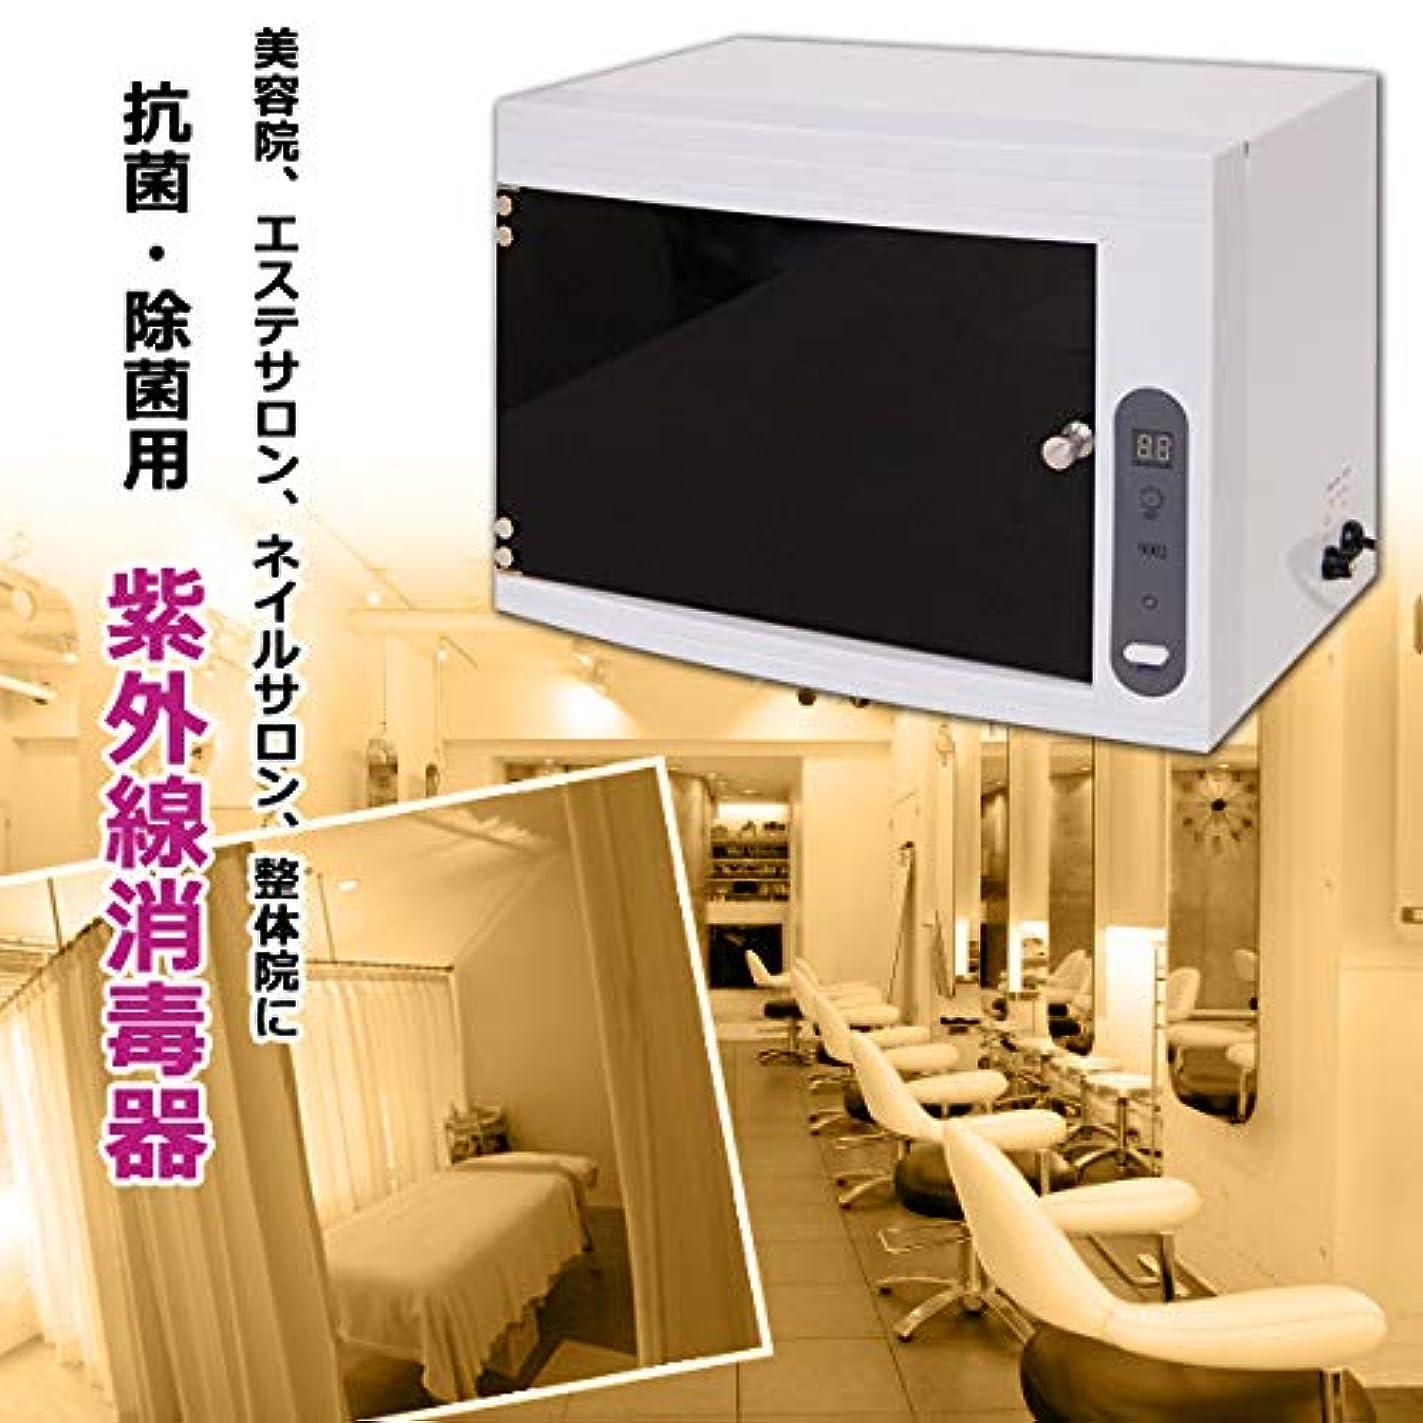 干渉順応性のある特許業務用 2段式 ステアライザー(ステリライザー)/ UV 紫外線 消毒器